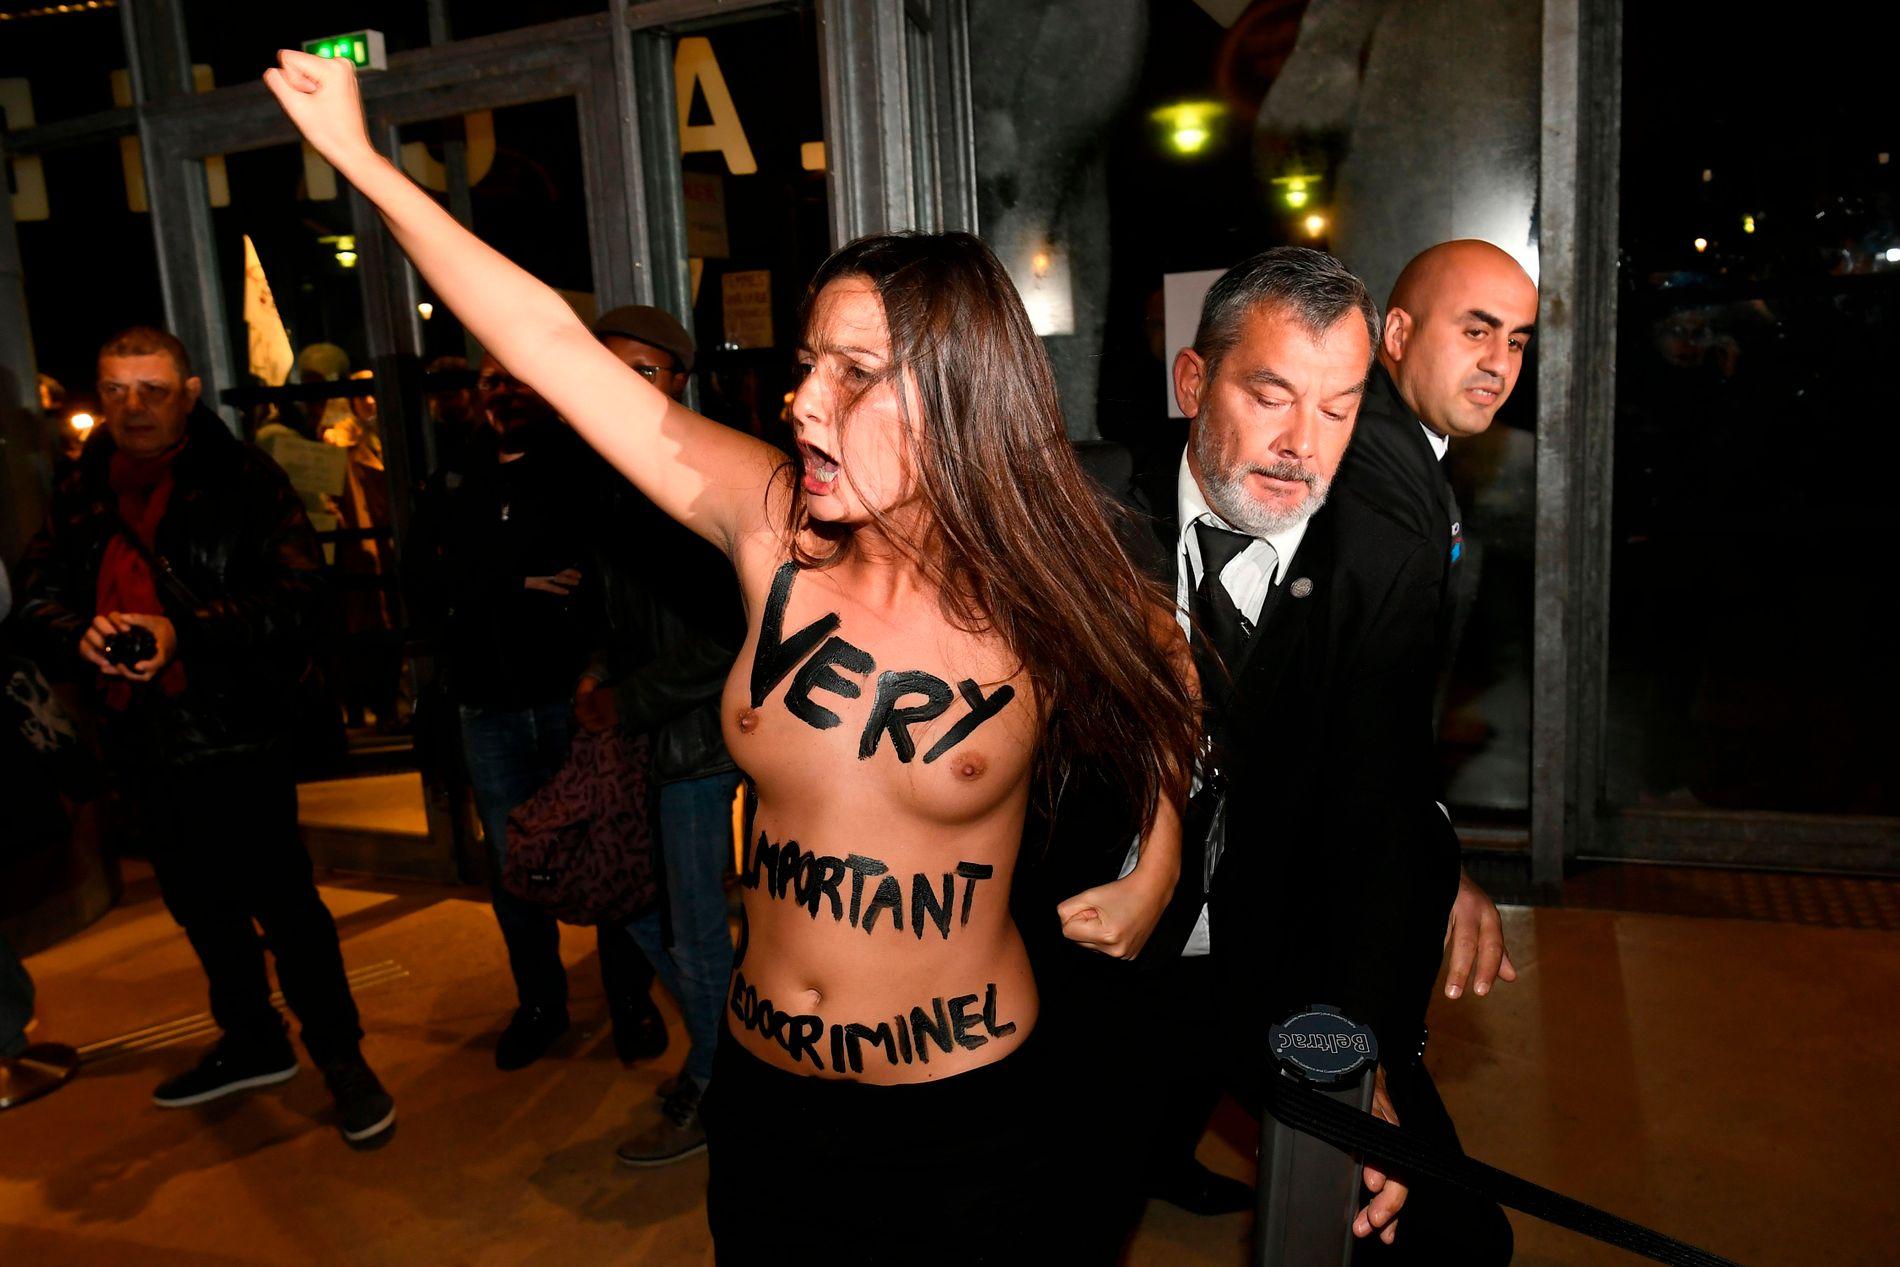 DEMONTSTRASJON: Flere kvinner blottet brystene, men også mange påkledde demonstranter viste sin misnøye før visningen av Roman Polanskis «D'apres une histoire vraie (Based on a True Story)» i Paris mandag.